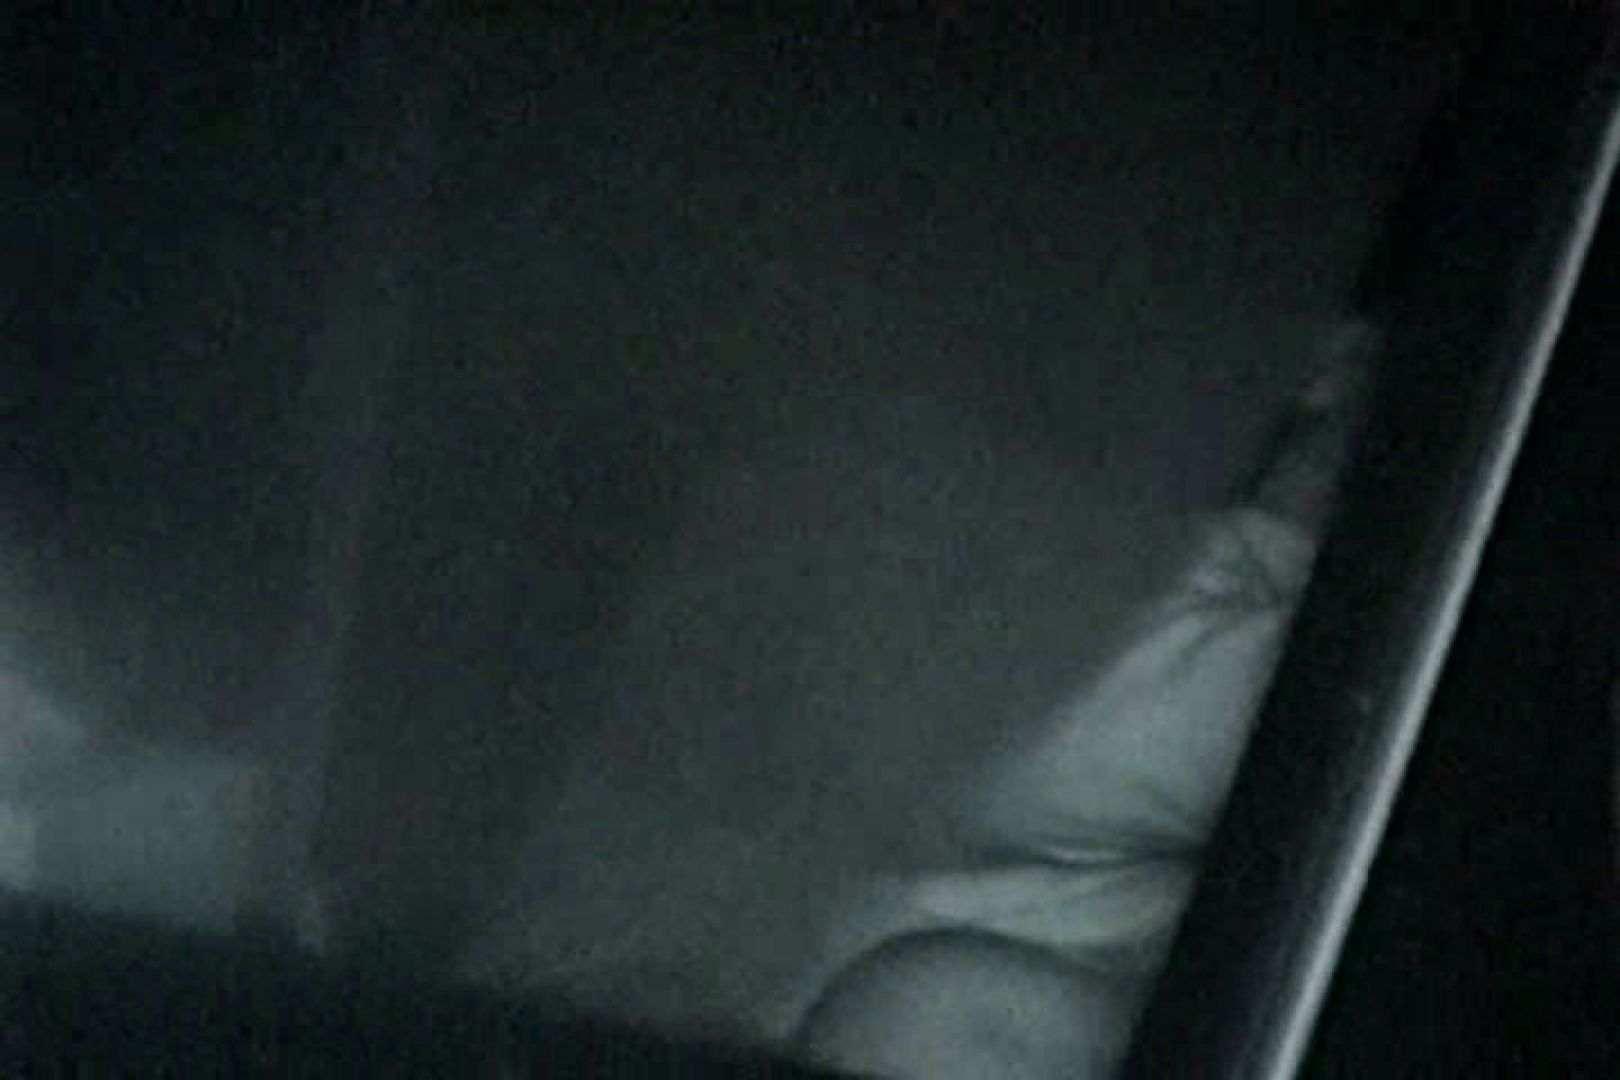 充血監督の深夜の運動会Vol.135 カーセックス すけべAV動画紹介 22PICs 10